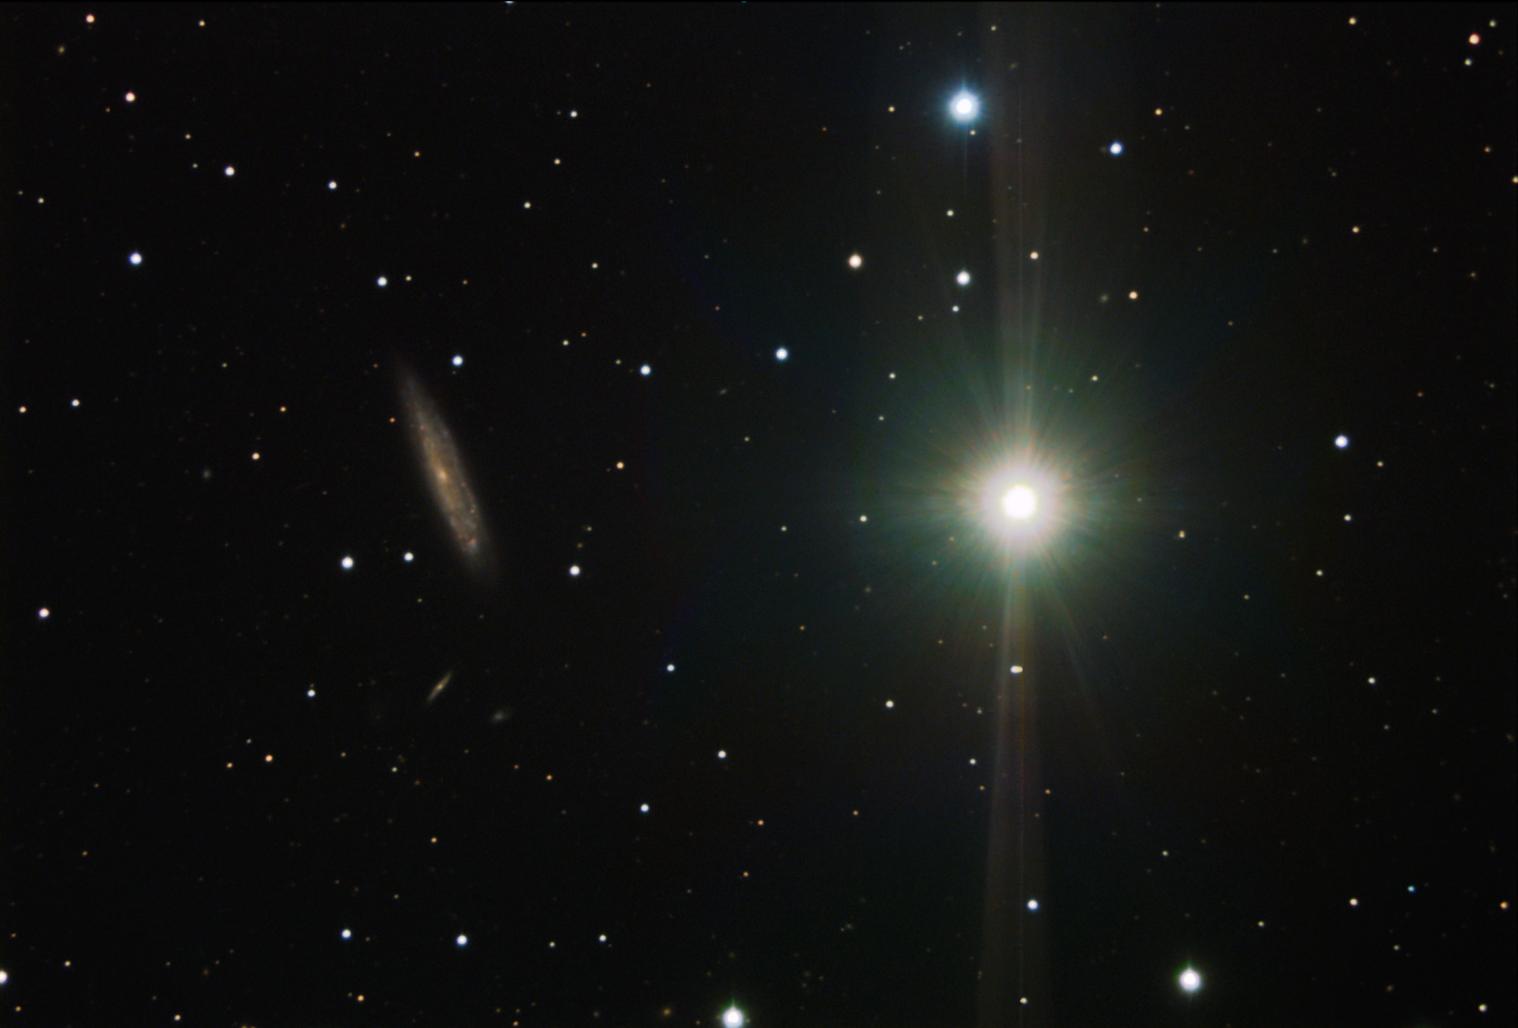 NGC3495